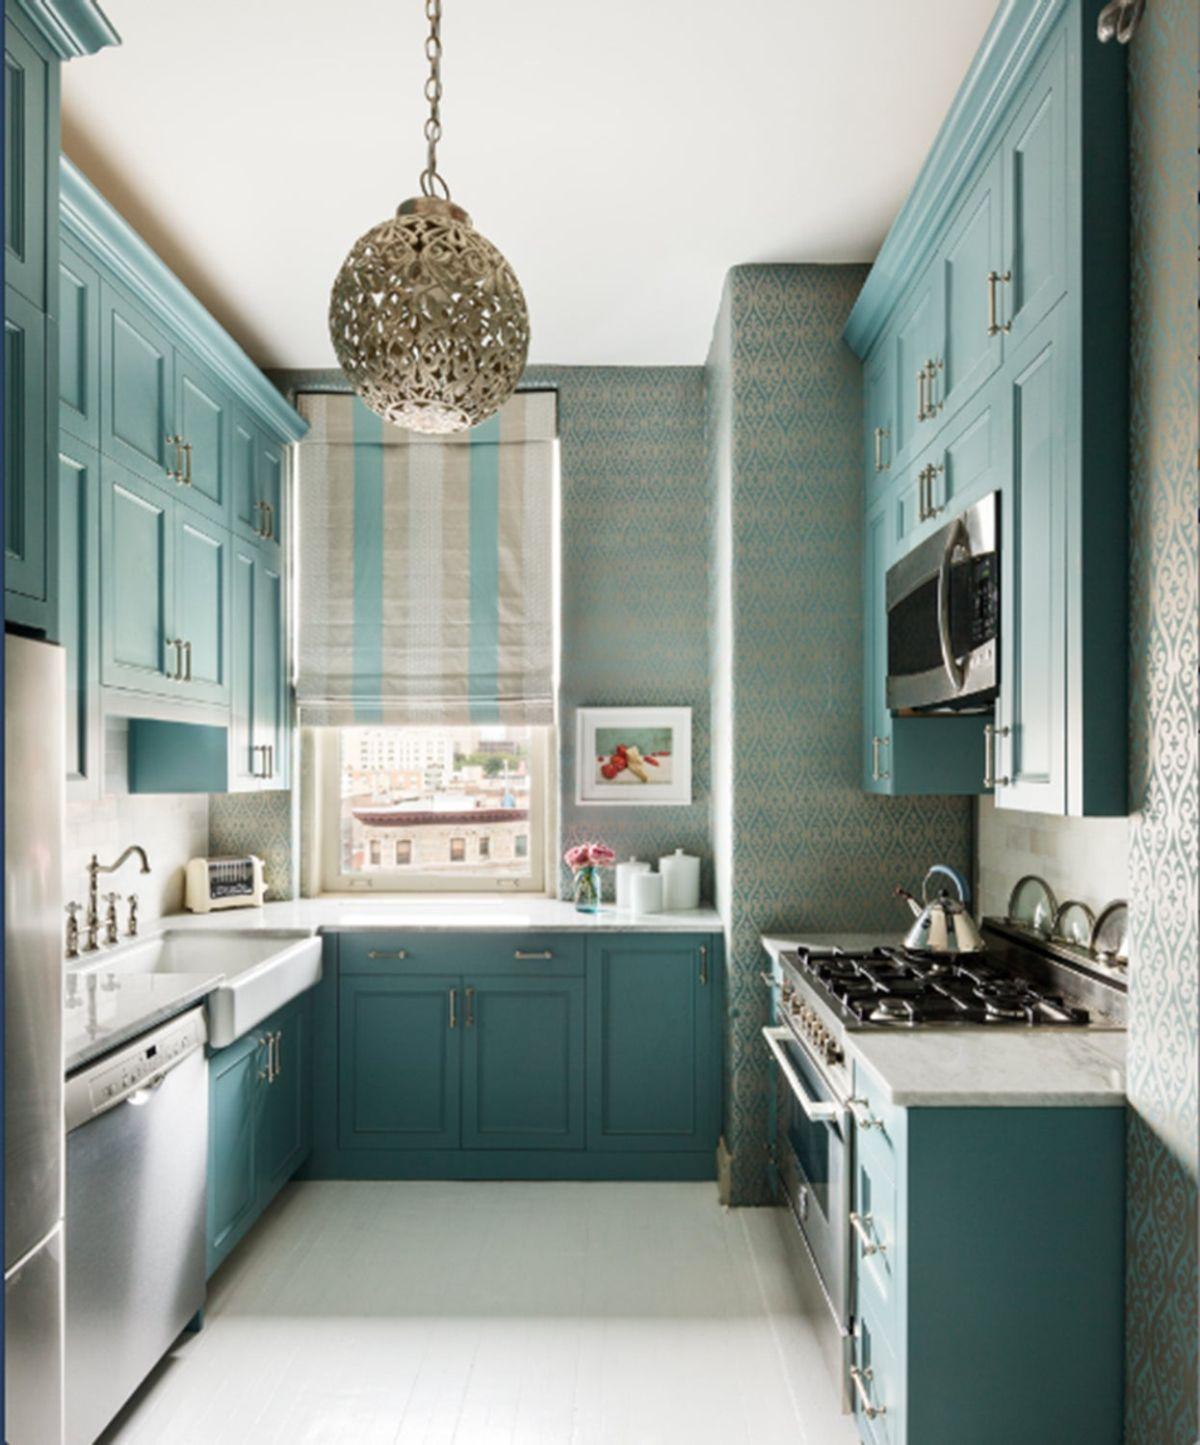 дизайн узкой кухни в оливковом цвете